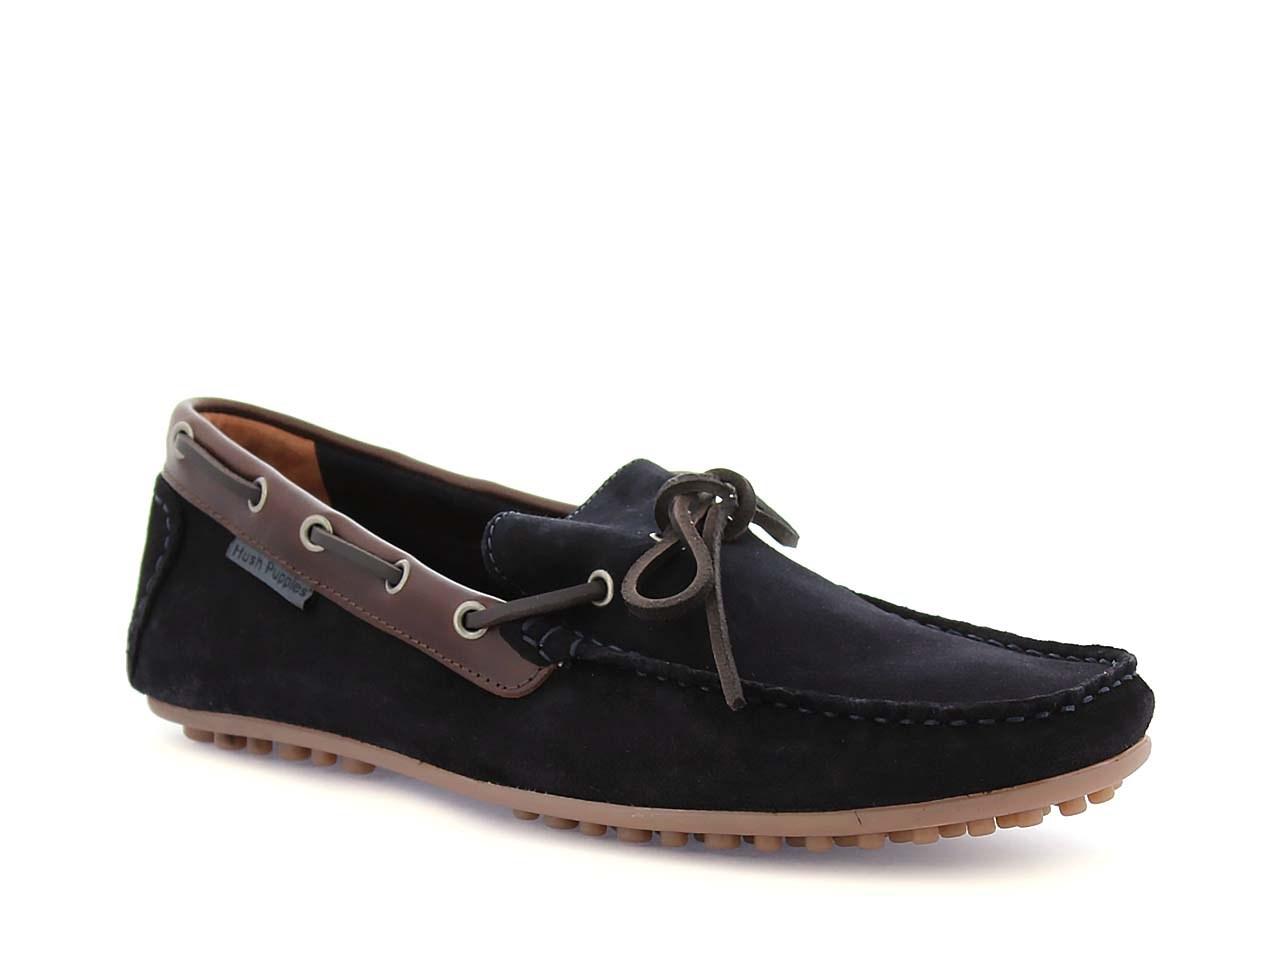 hush puppies skor återförsäljare